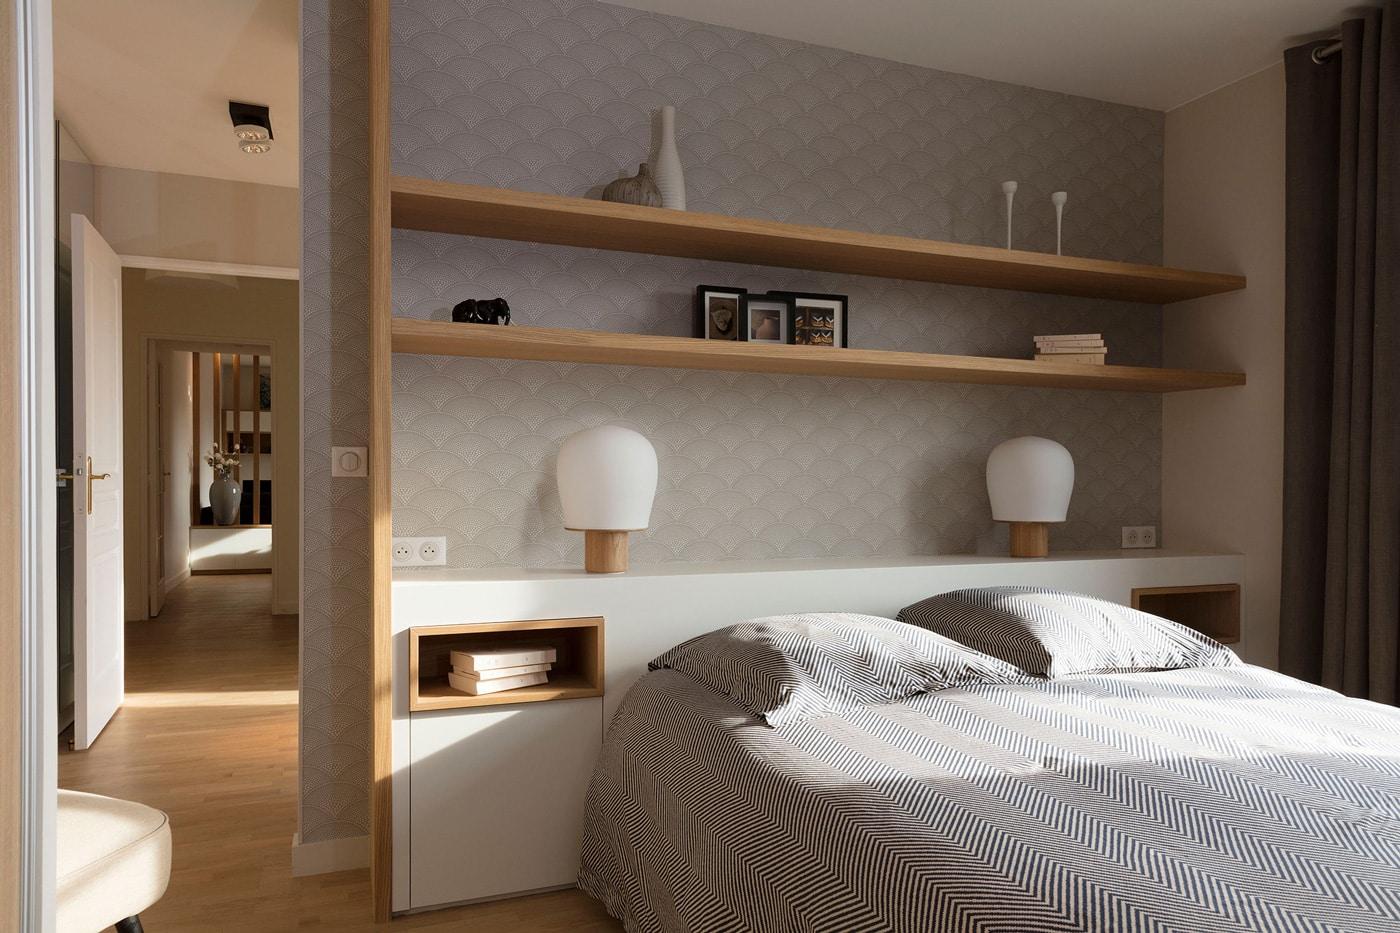 Appartement scandinave japonais - Yvelines